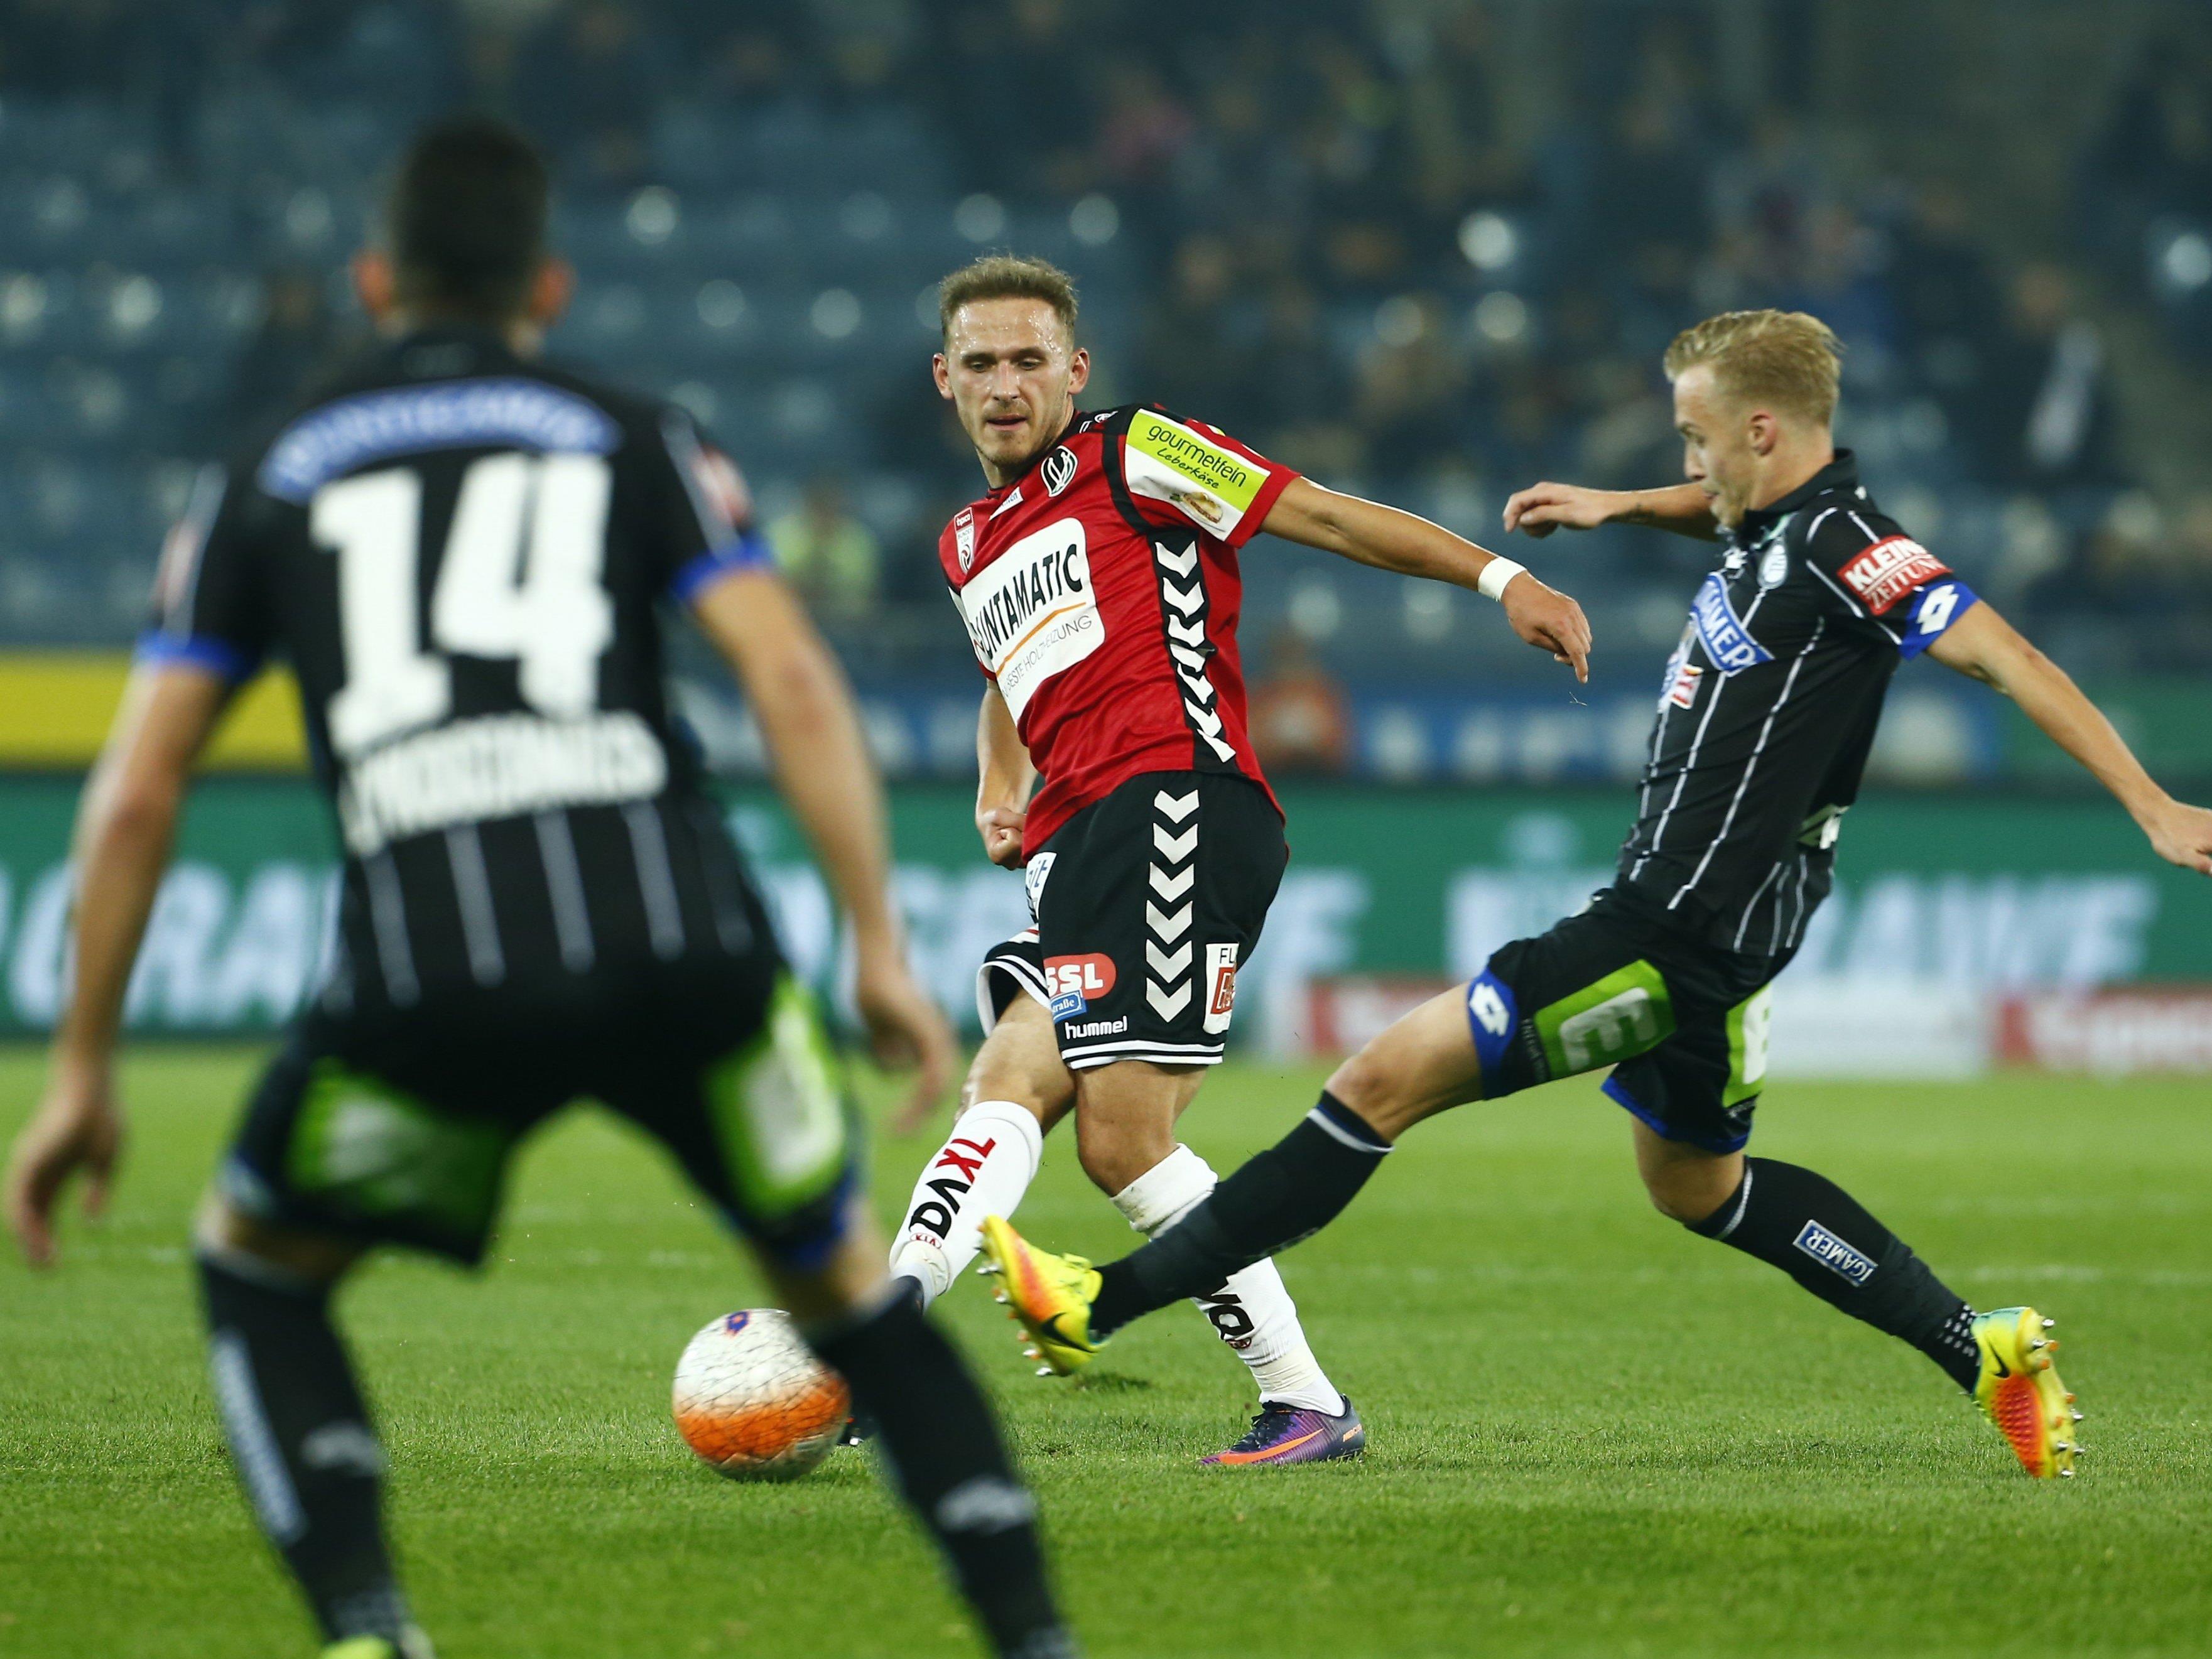 Wir berichten am Samstag ab 16.00 Uhr live vom Spiel SV Ried gegen SK Sturm Graz im Ticker.